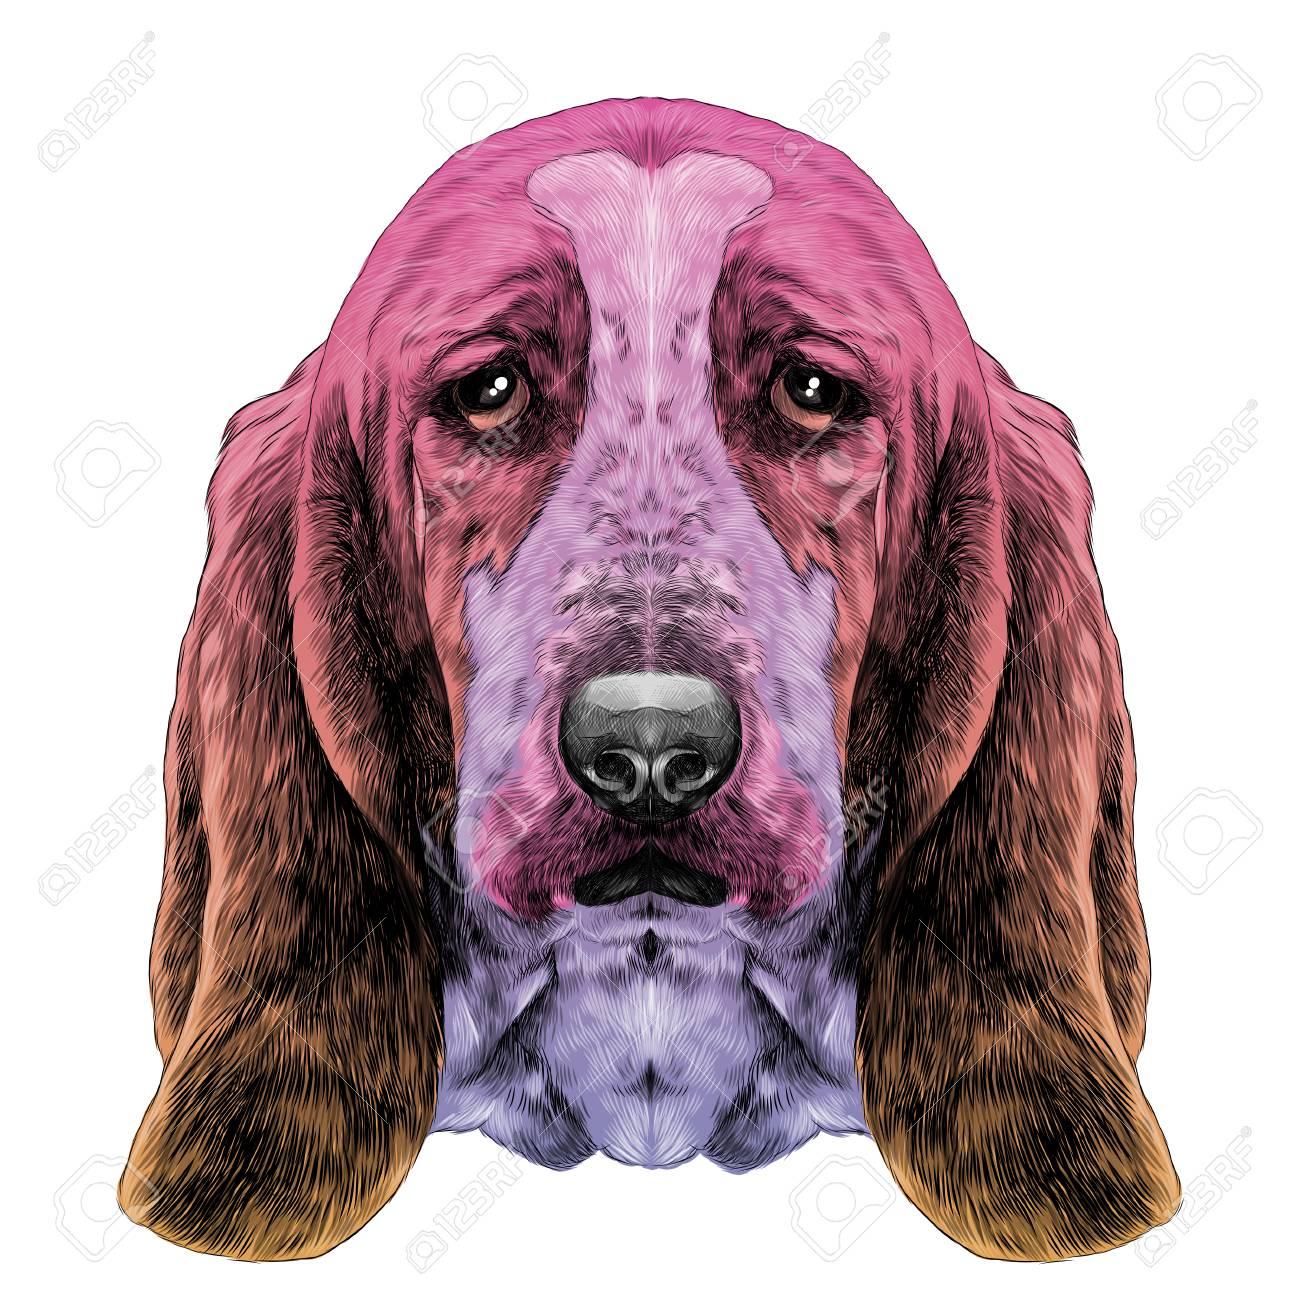 La Cabeza Del Perro Raza Basset Hound Con Orejas Largas Boceto Gráficos Vectoriales Gradiente De Dibujo Coloreado De Diferentes Colores